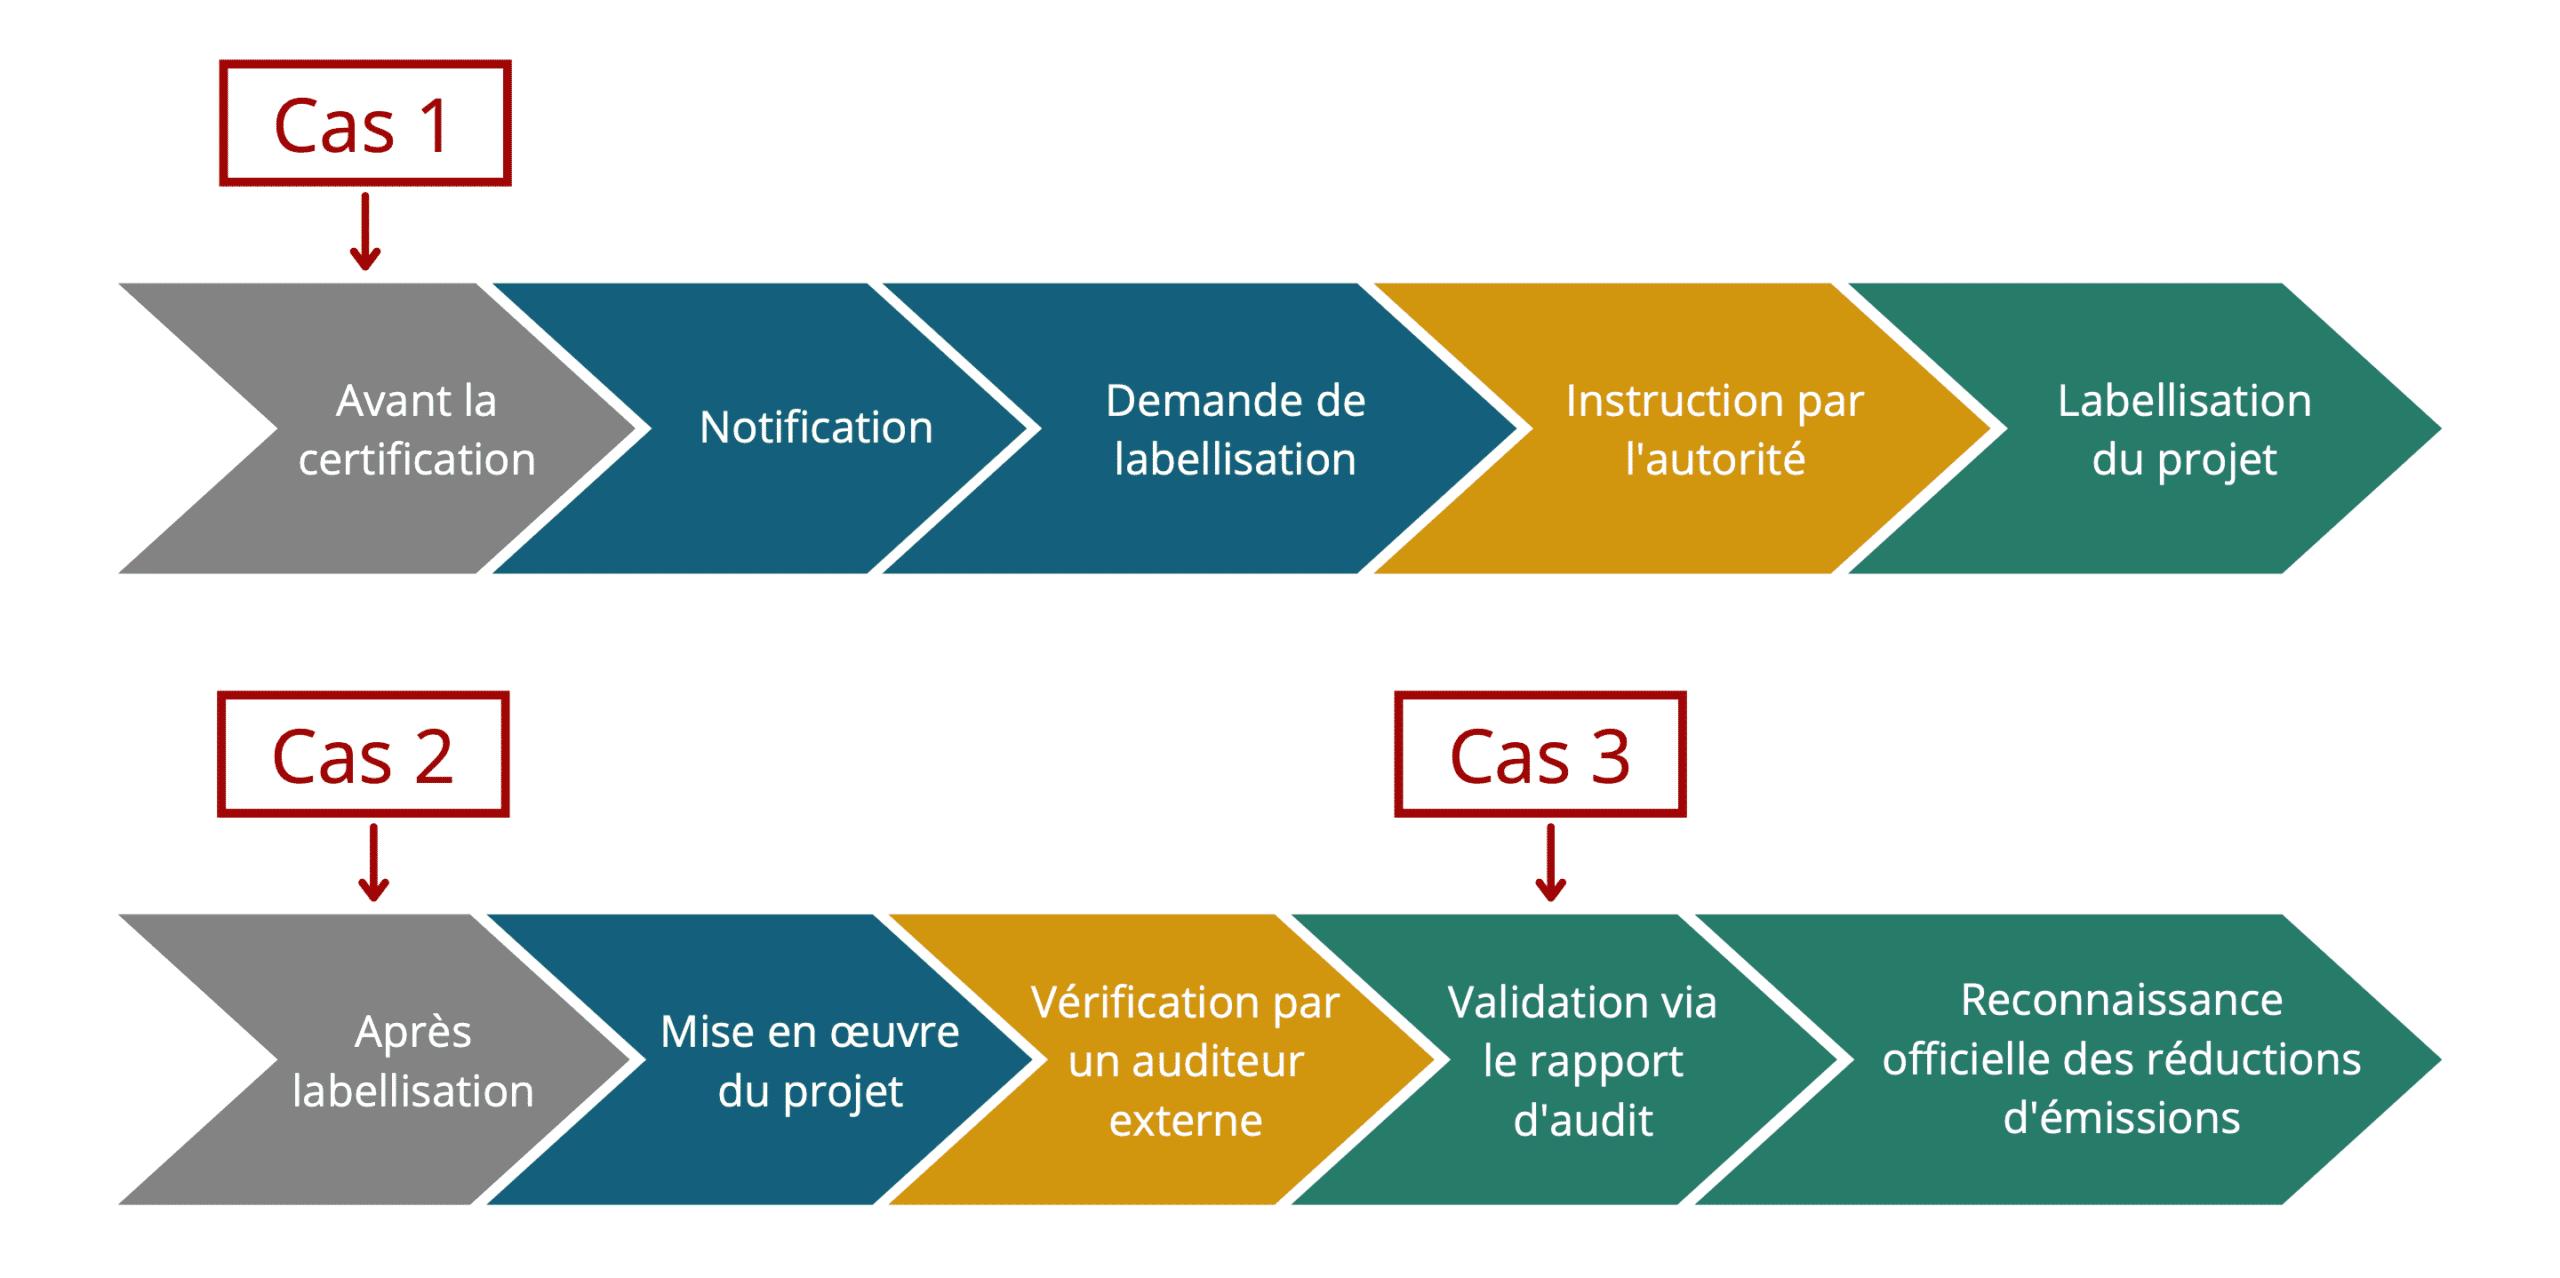 Les différentes options pour financer un projet labellisé bas carbone